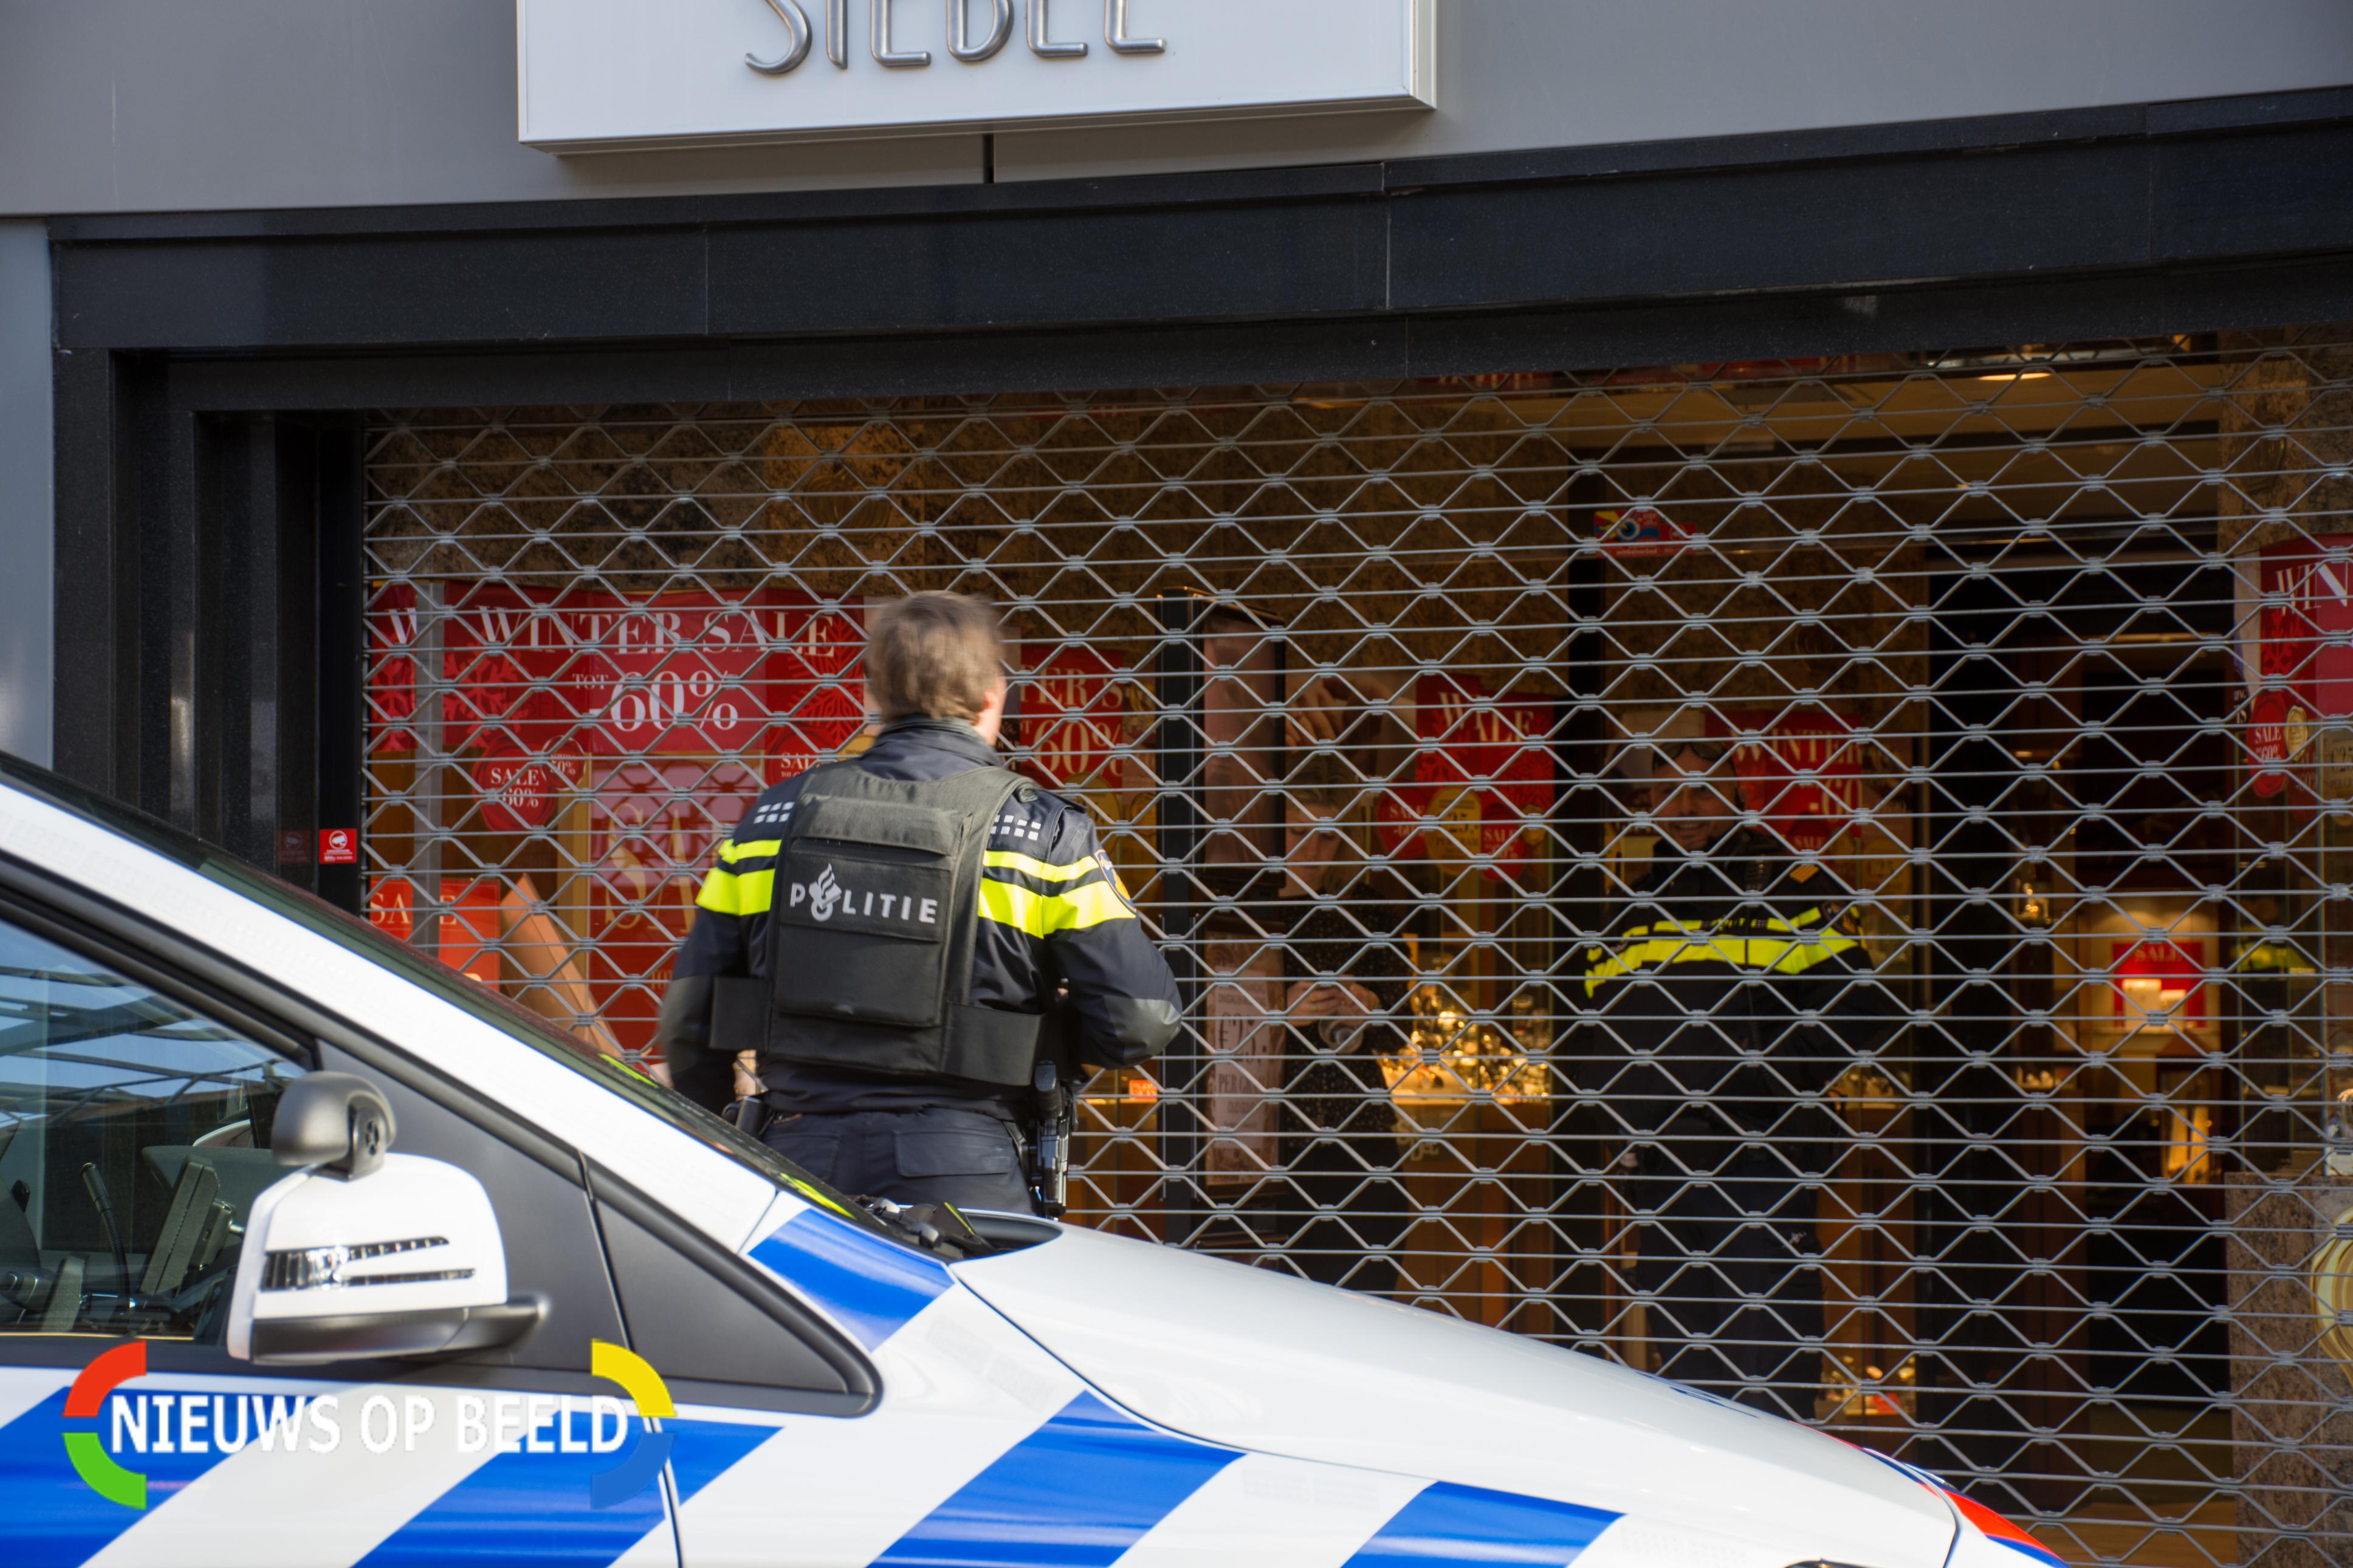 Een agente staat in kogelwerend vest voor de juwelier